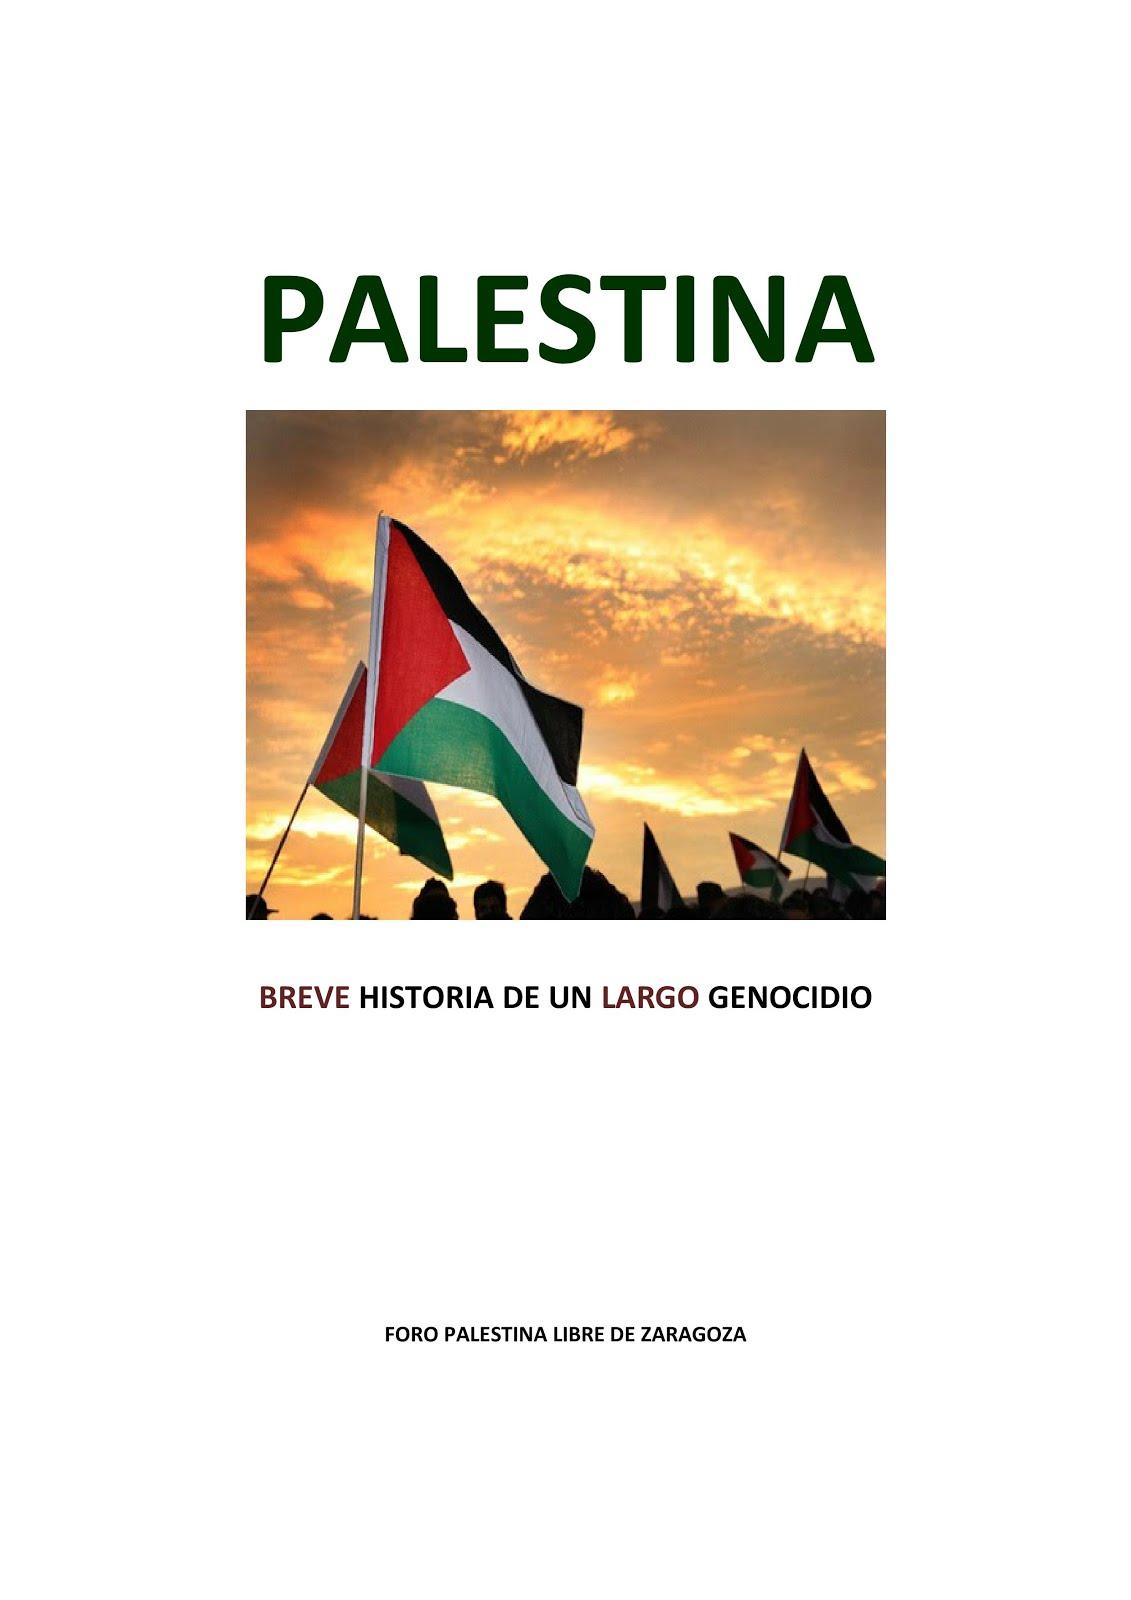 Libro realizado por el Foro Palestina Libre de Zaragoza